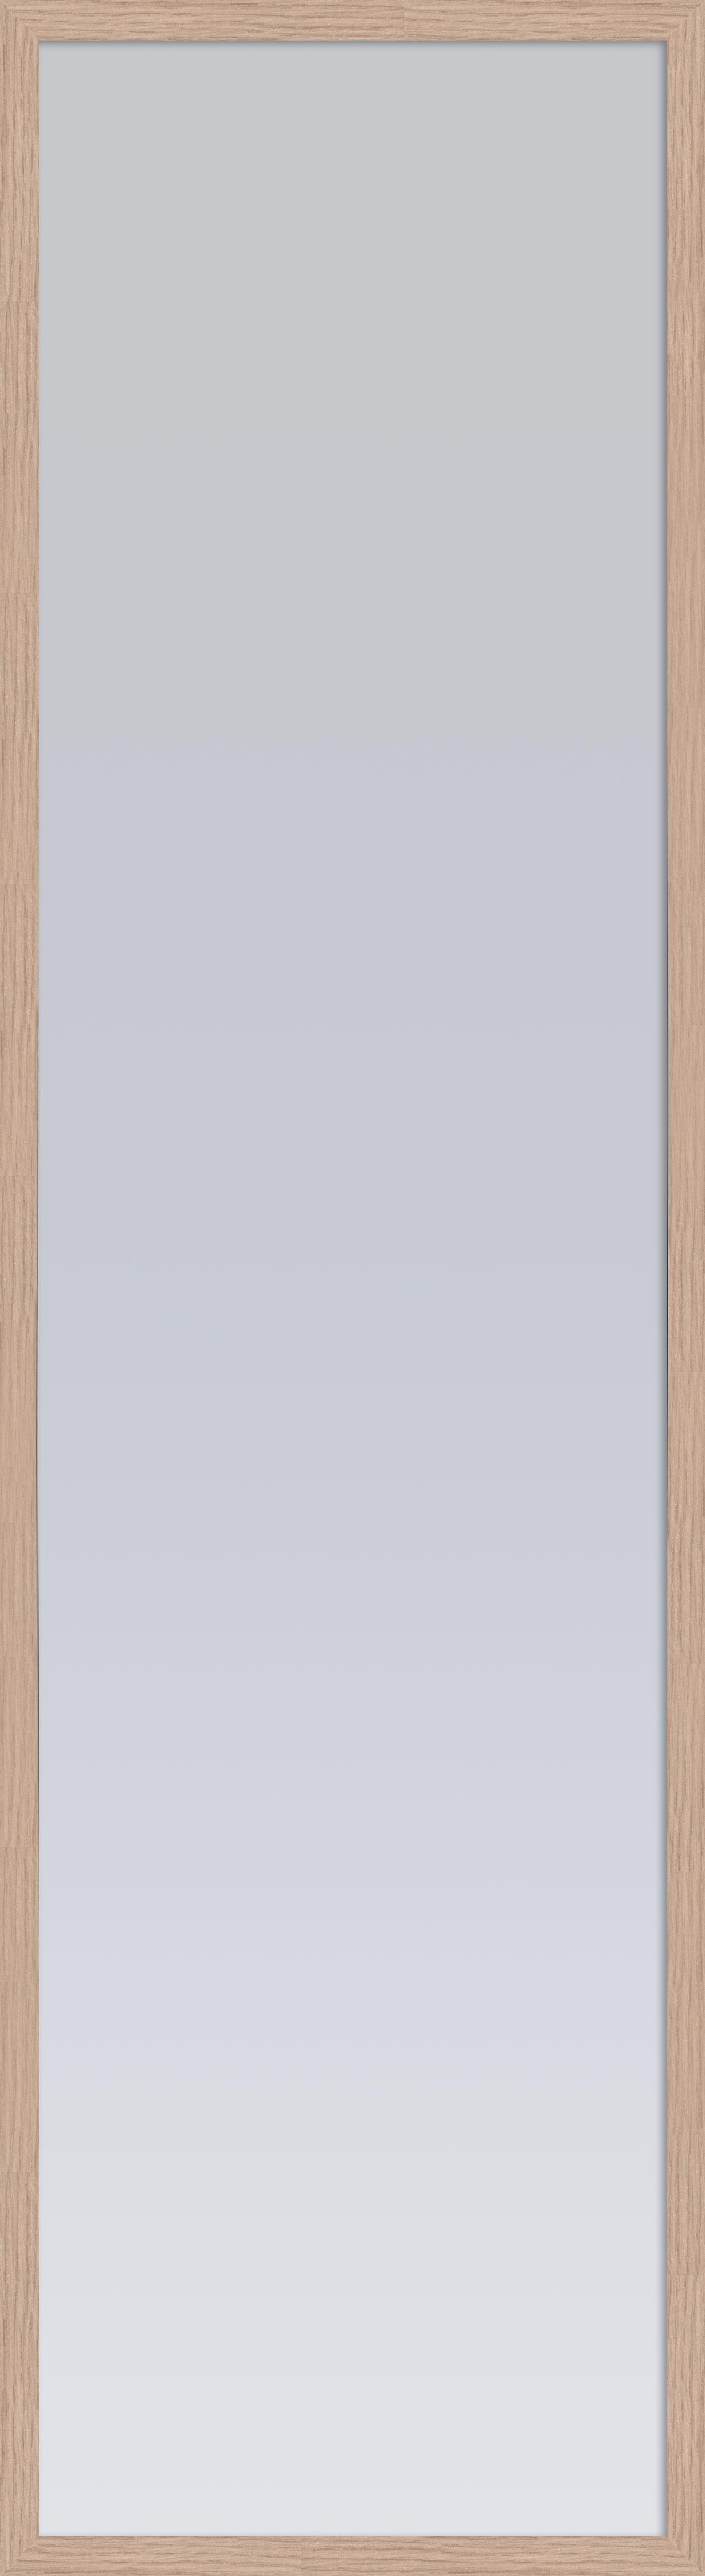 Miroir encadré Cubo 30X120  -